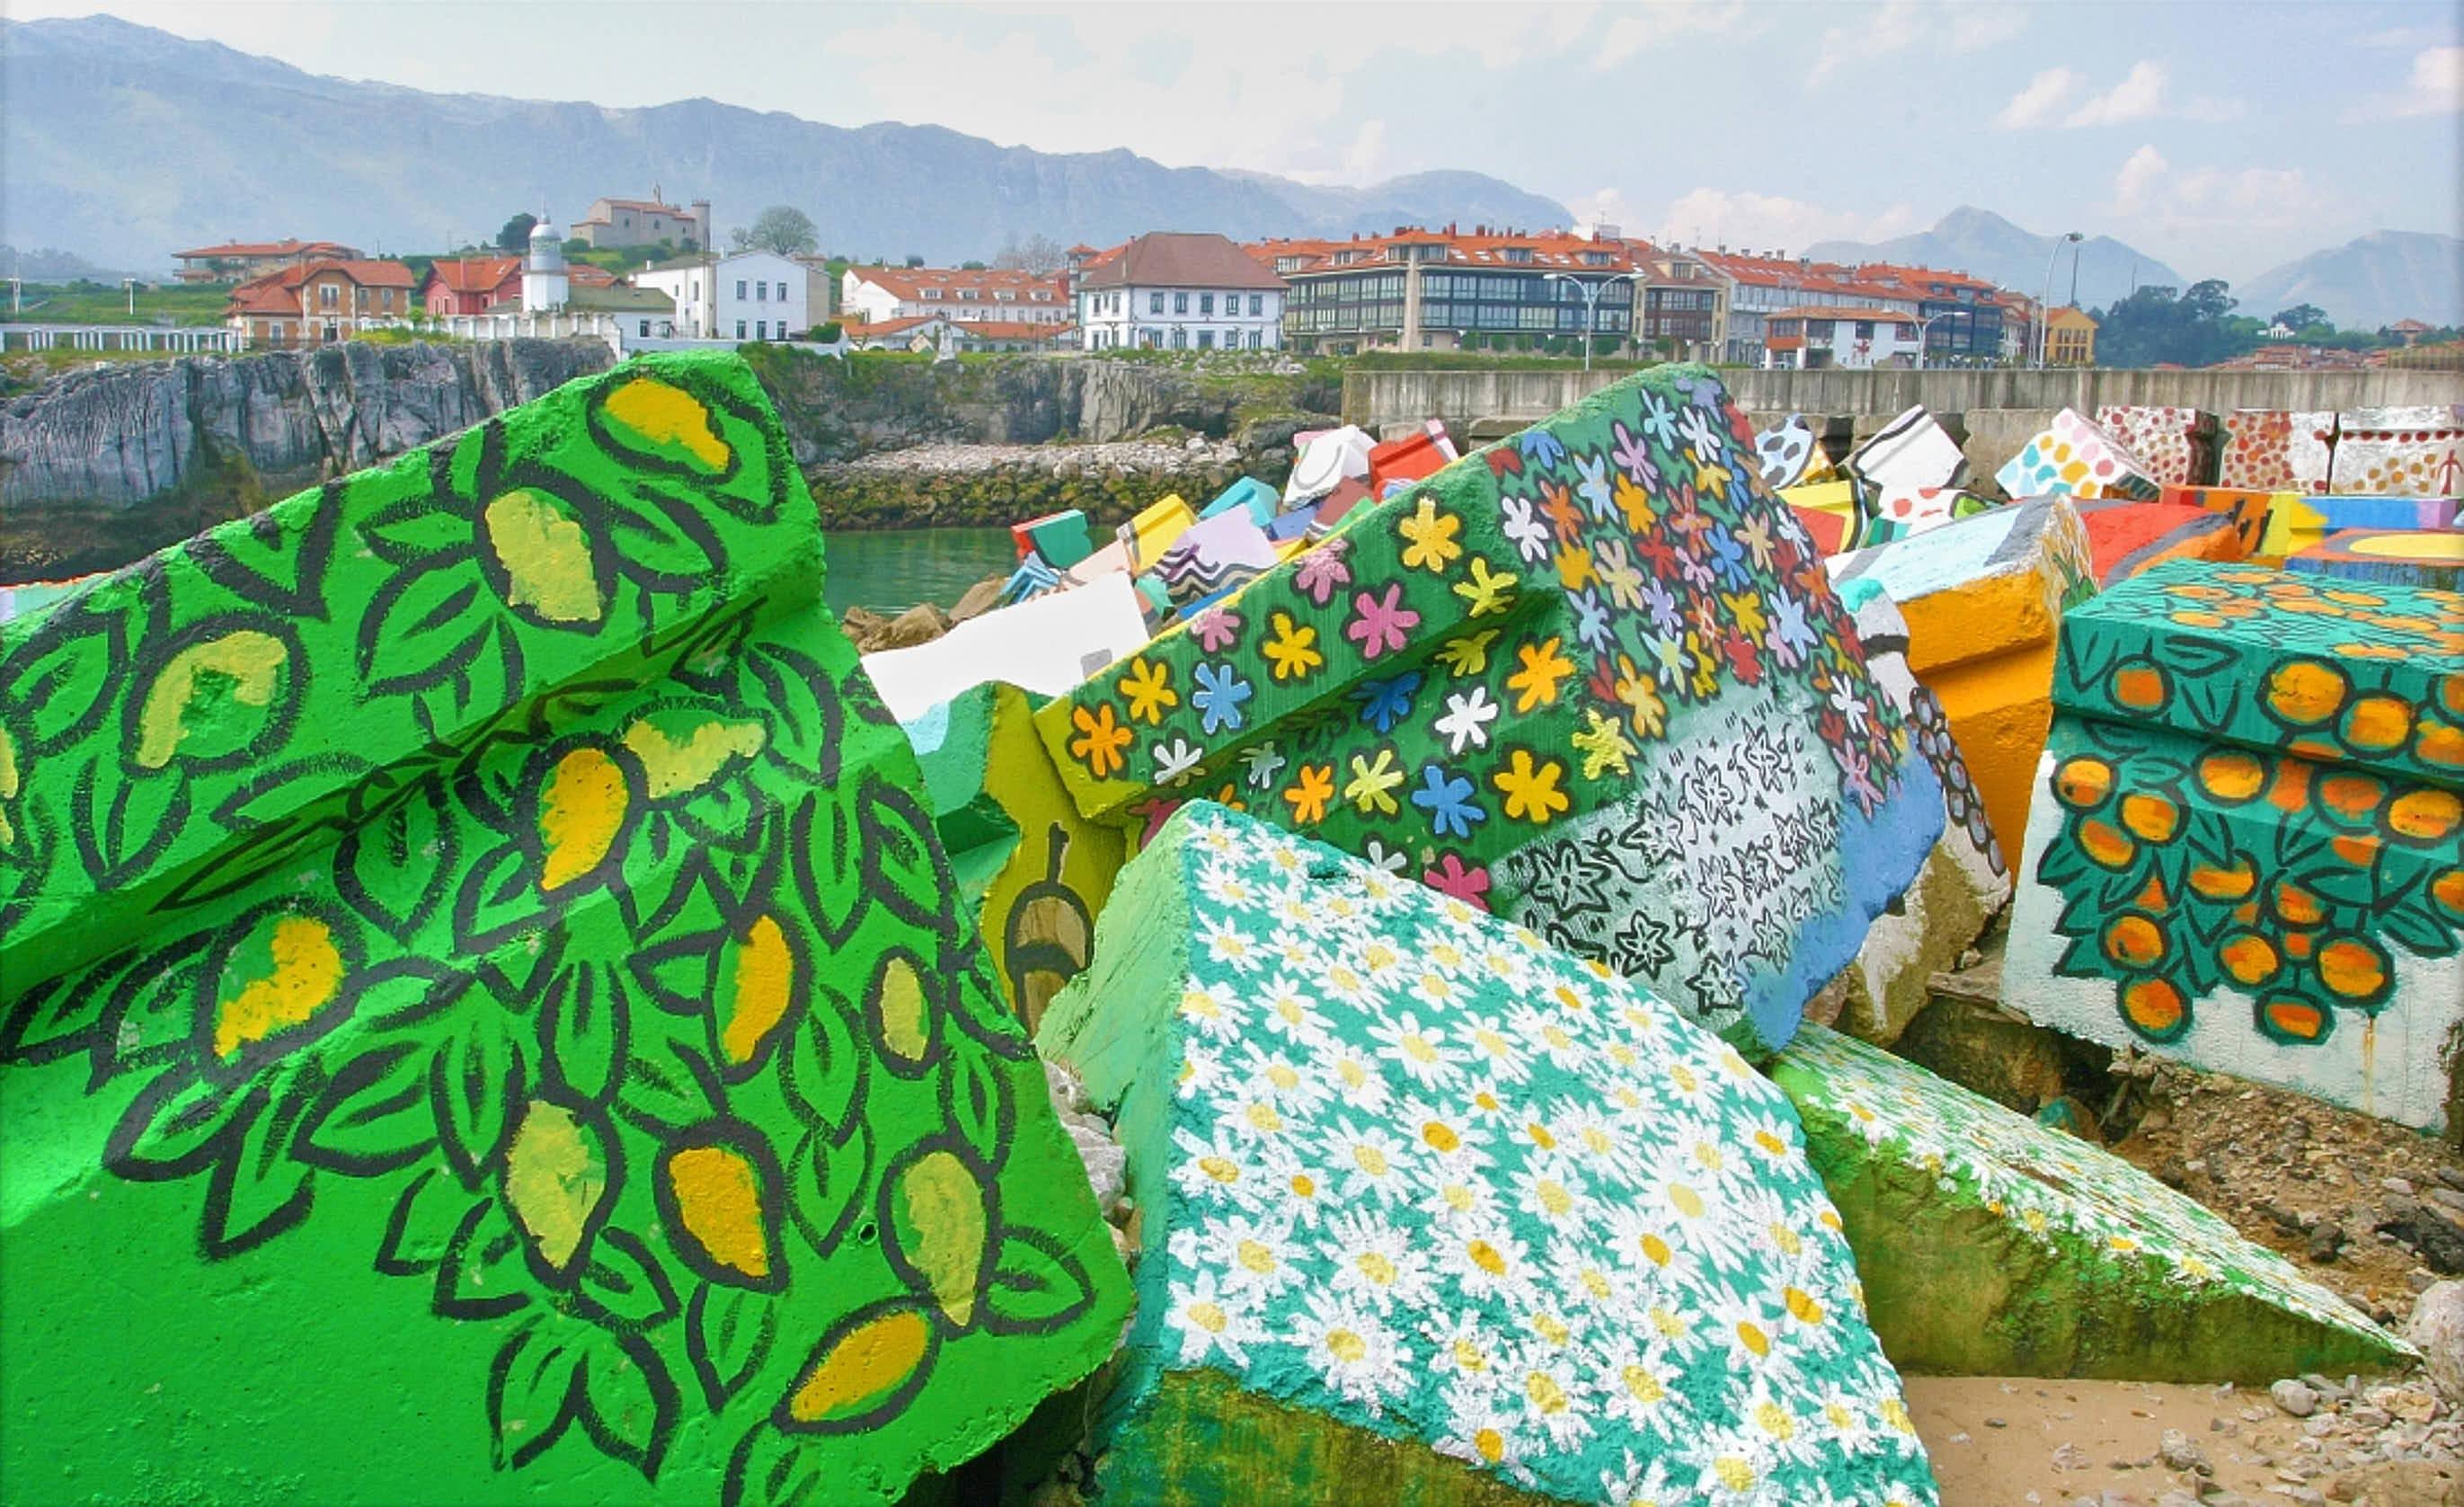 Cubos de la Memoria en la ciudad de Llanes, Asturias